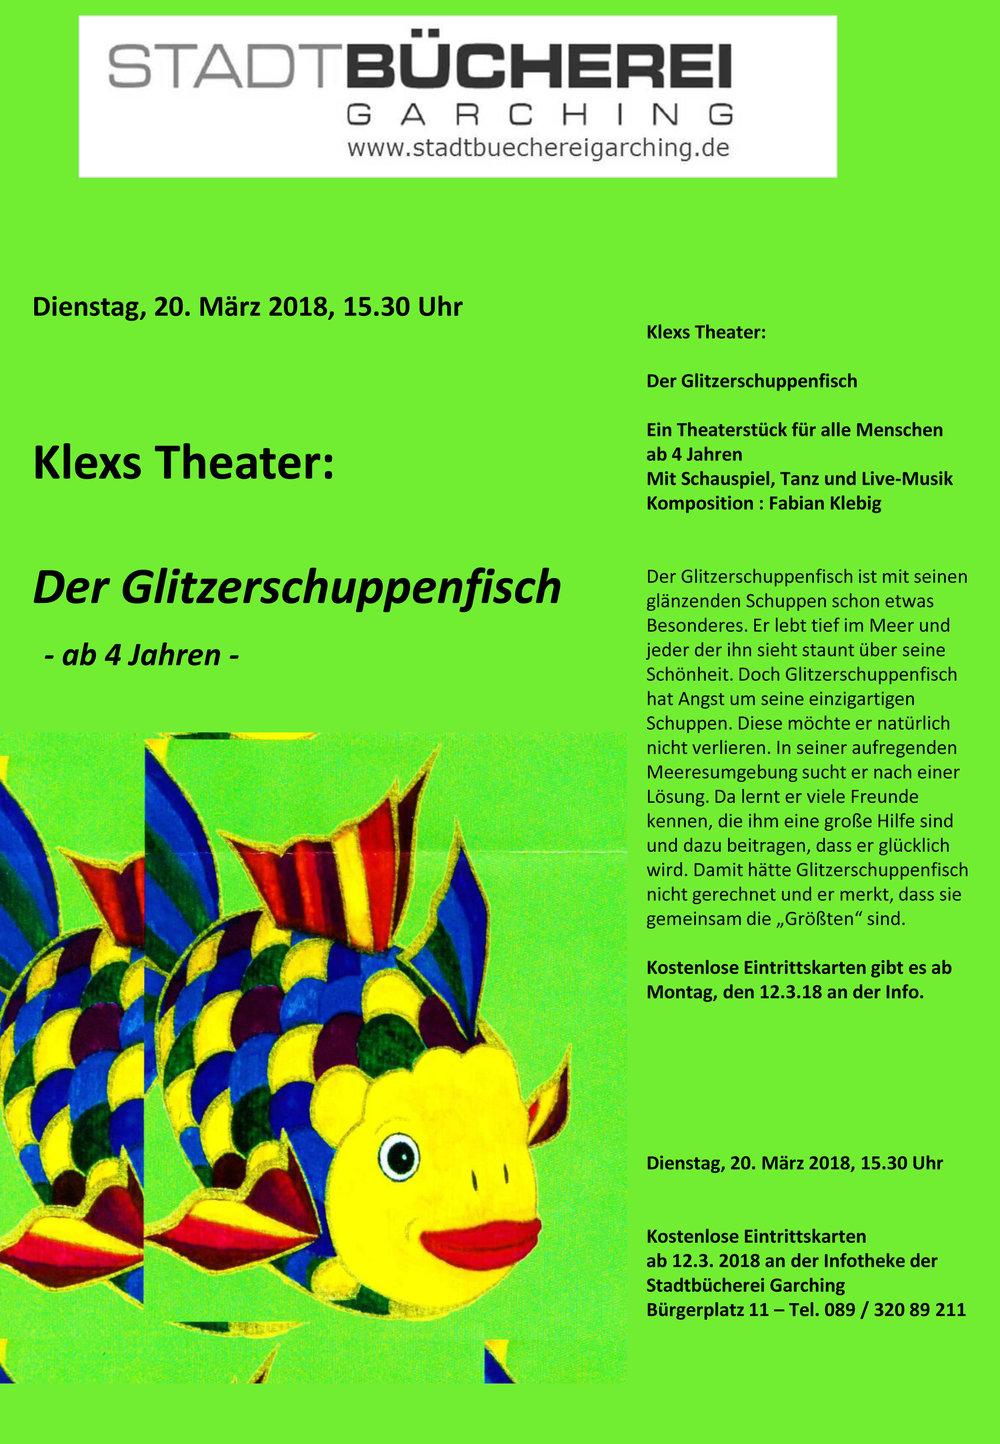 Glitzerschuppenfisch KlexsTheater Kopie.jpg